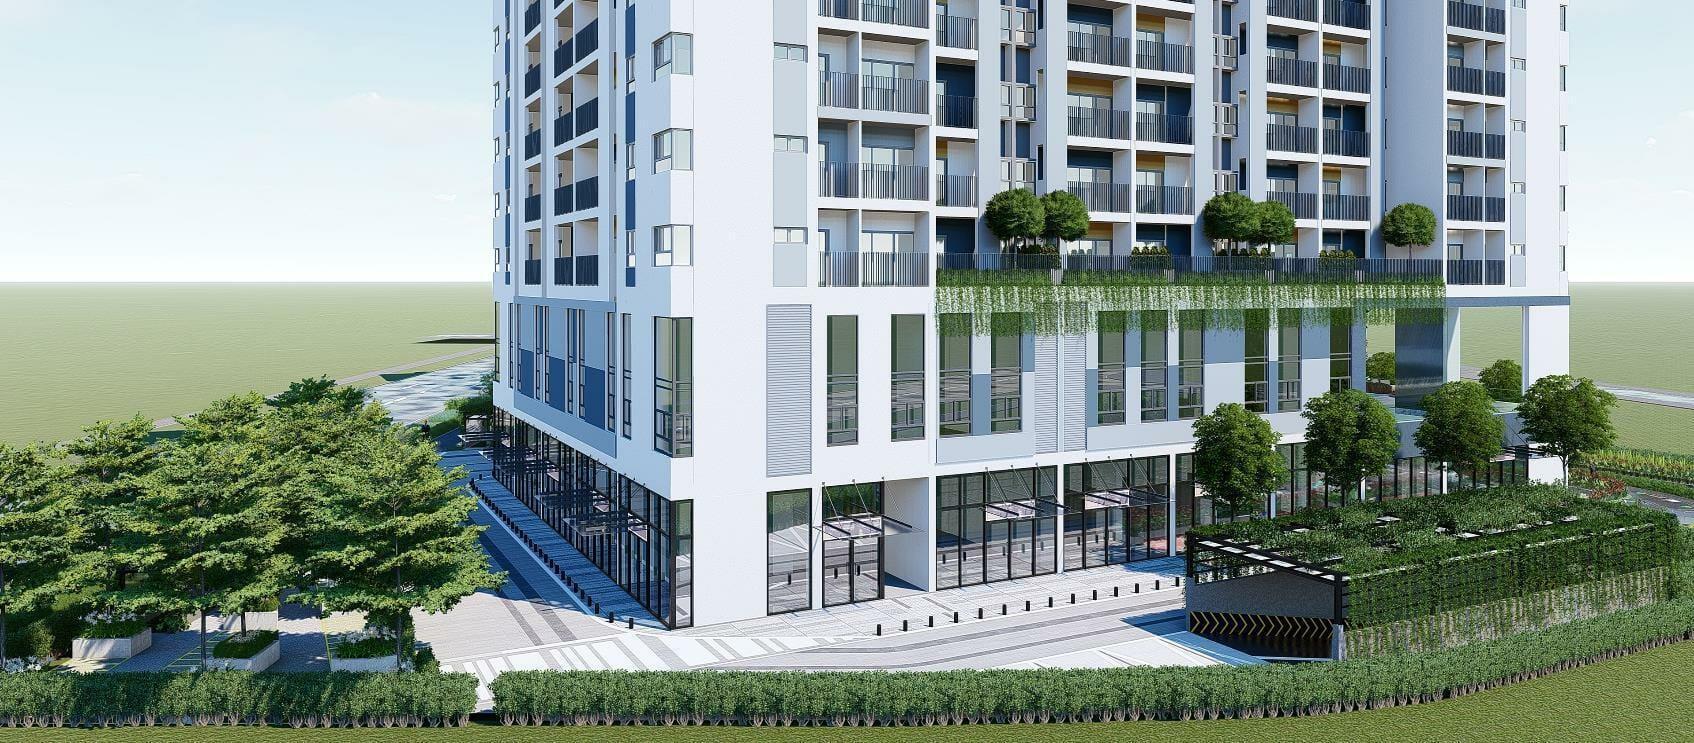 Cơ hội đầu tư Shophouse Ricca TP Thủ Đức chỉ với 37 triệu/m2